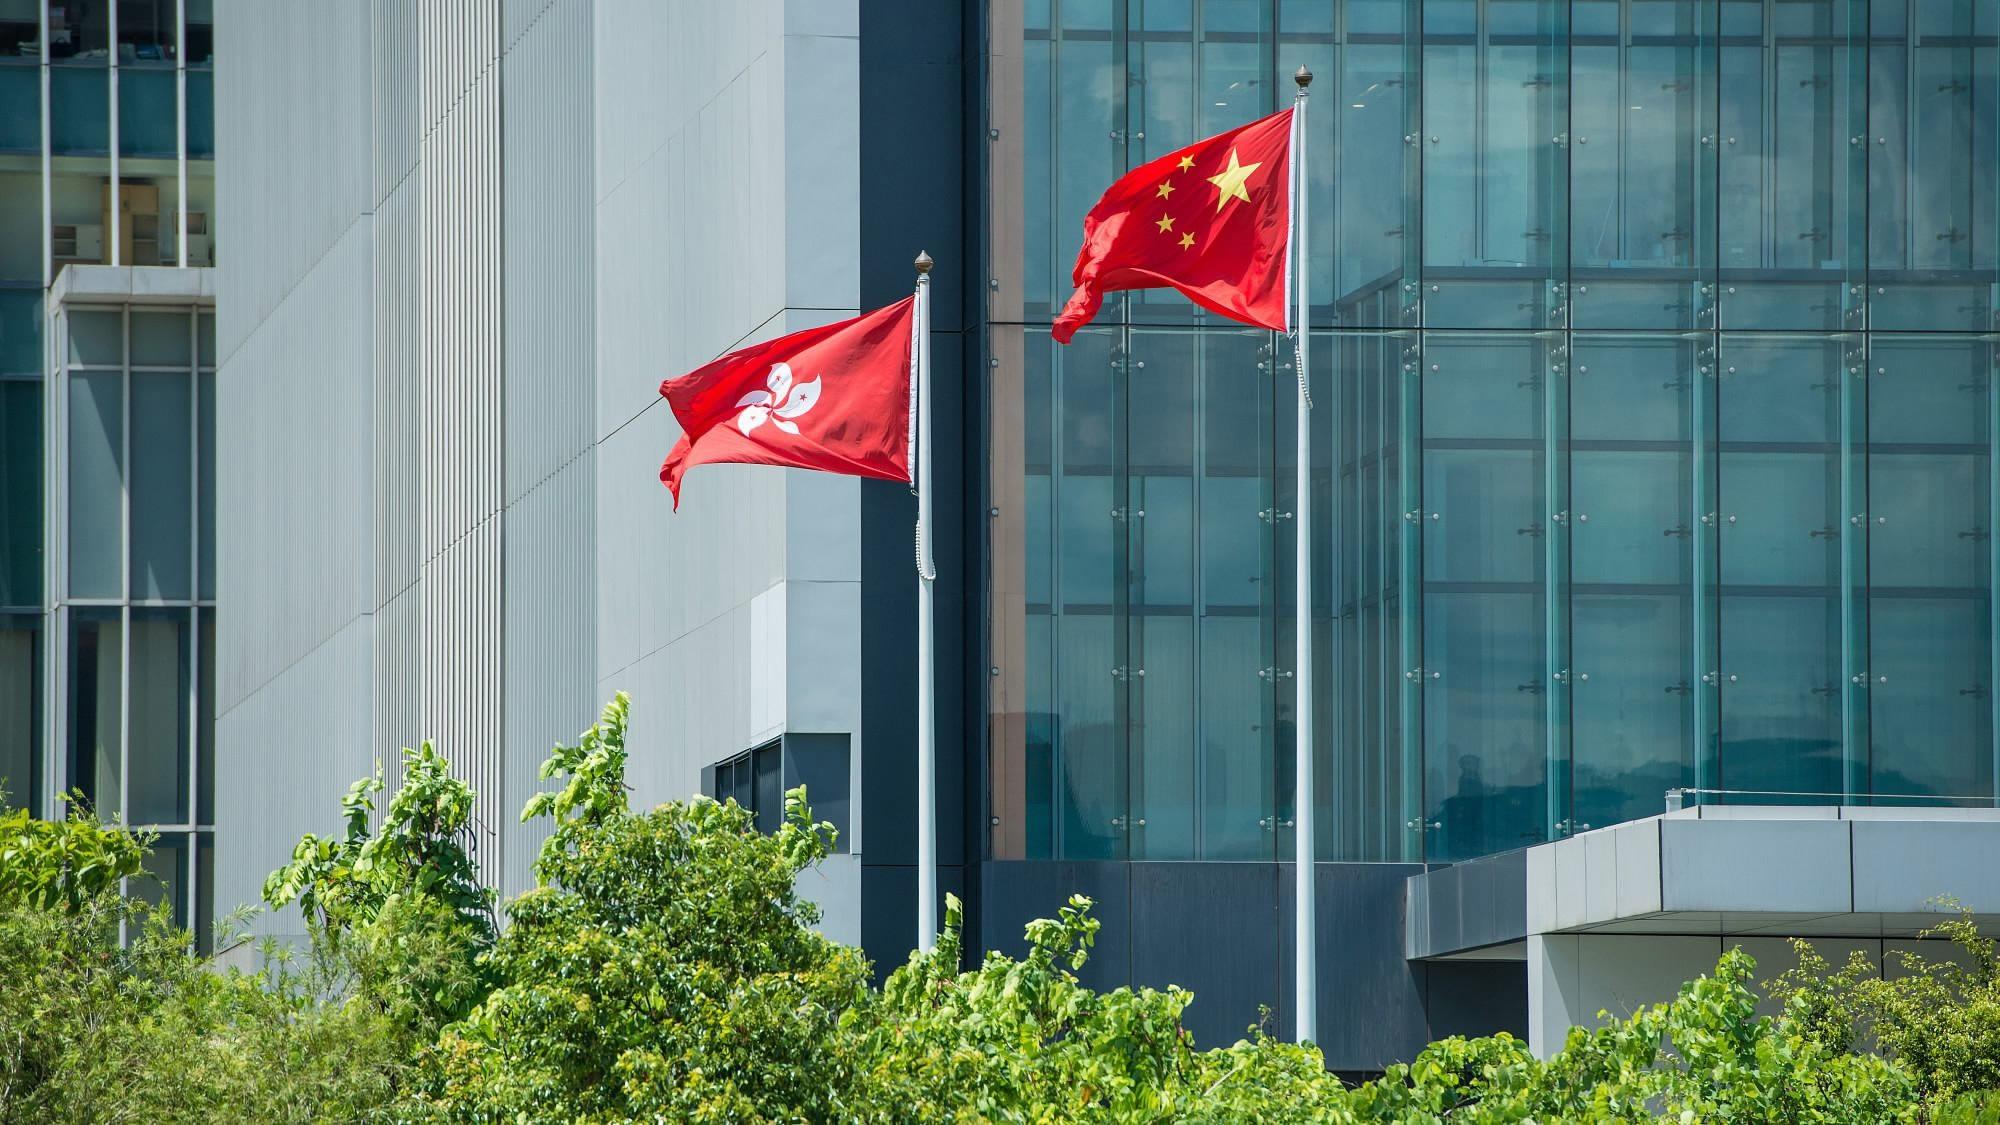 Central gov't spokesperson denounces severe violent acts at HK airport